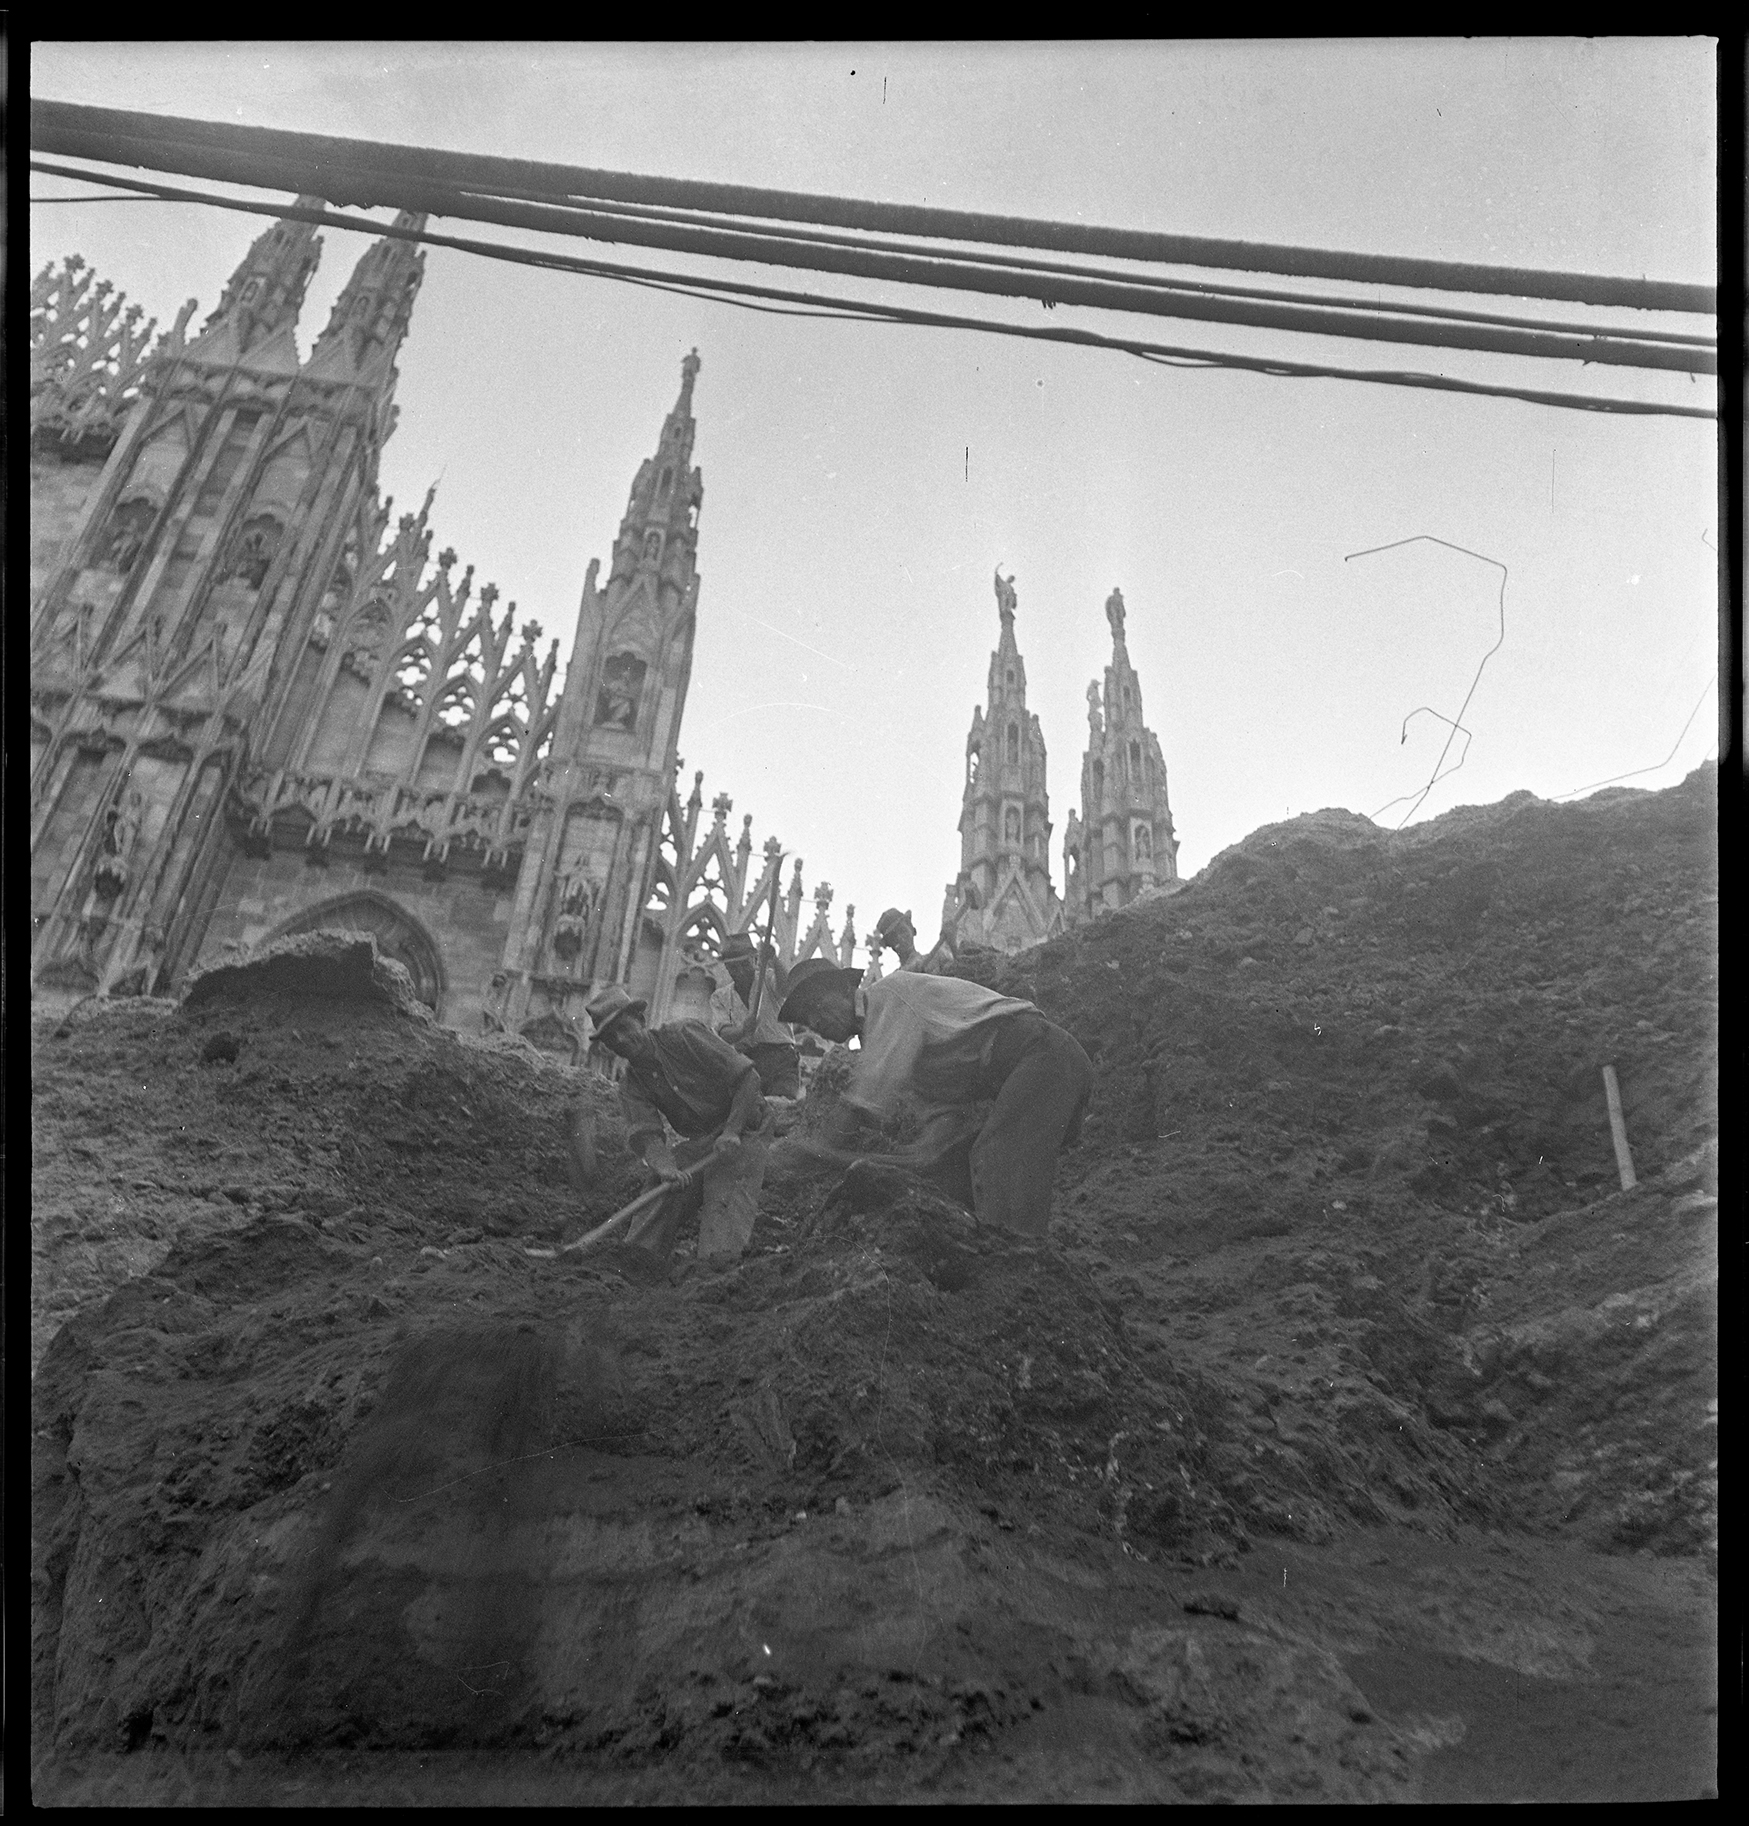 La Milano ferita dalle bombe in mostra alle Gallerie d'Italia